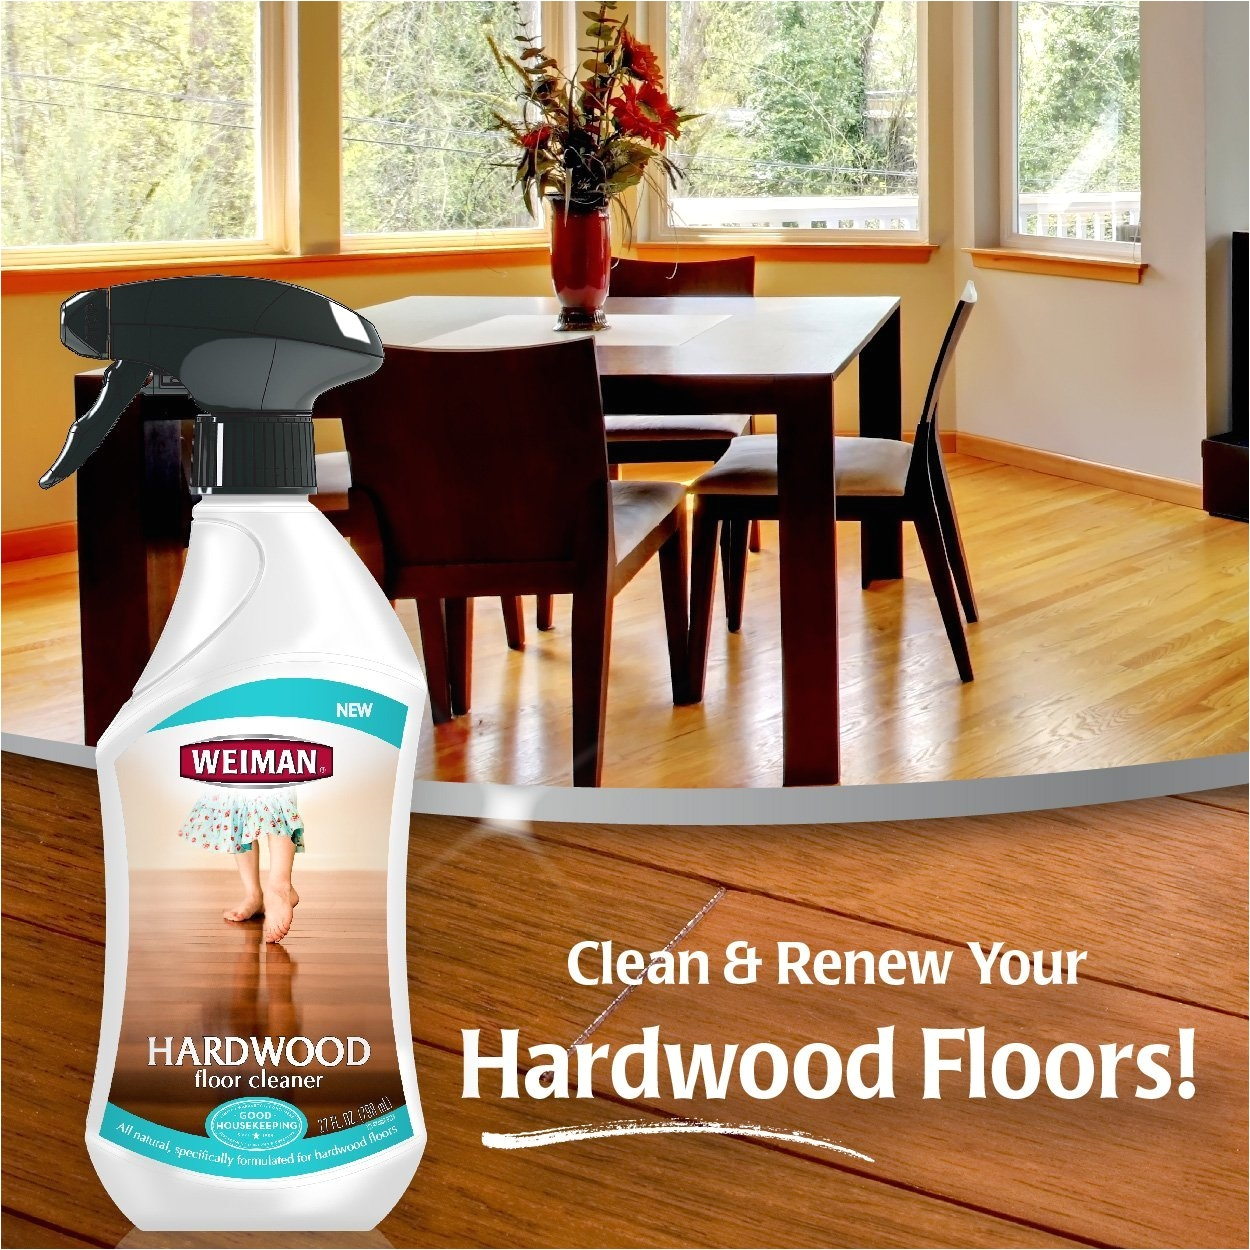 full size of hardwood floor cleaning weiman hardwood floor cleaner clorox toilet bowl tablets zep